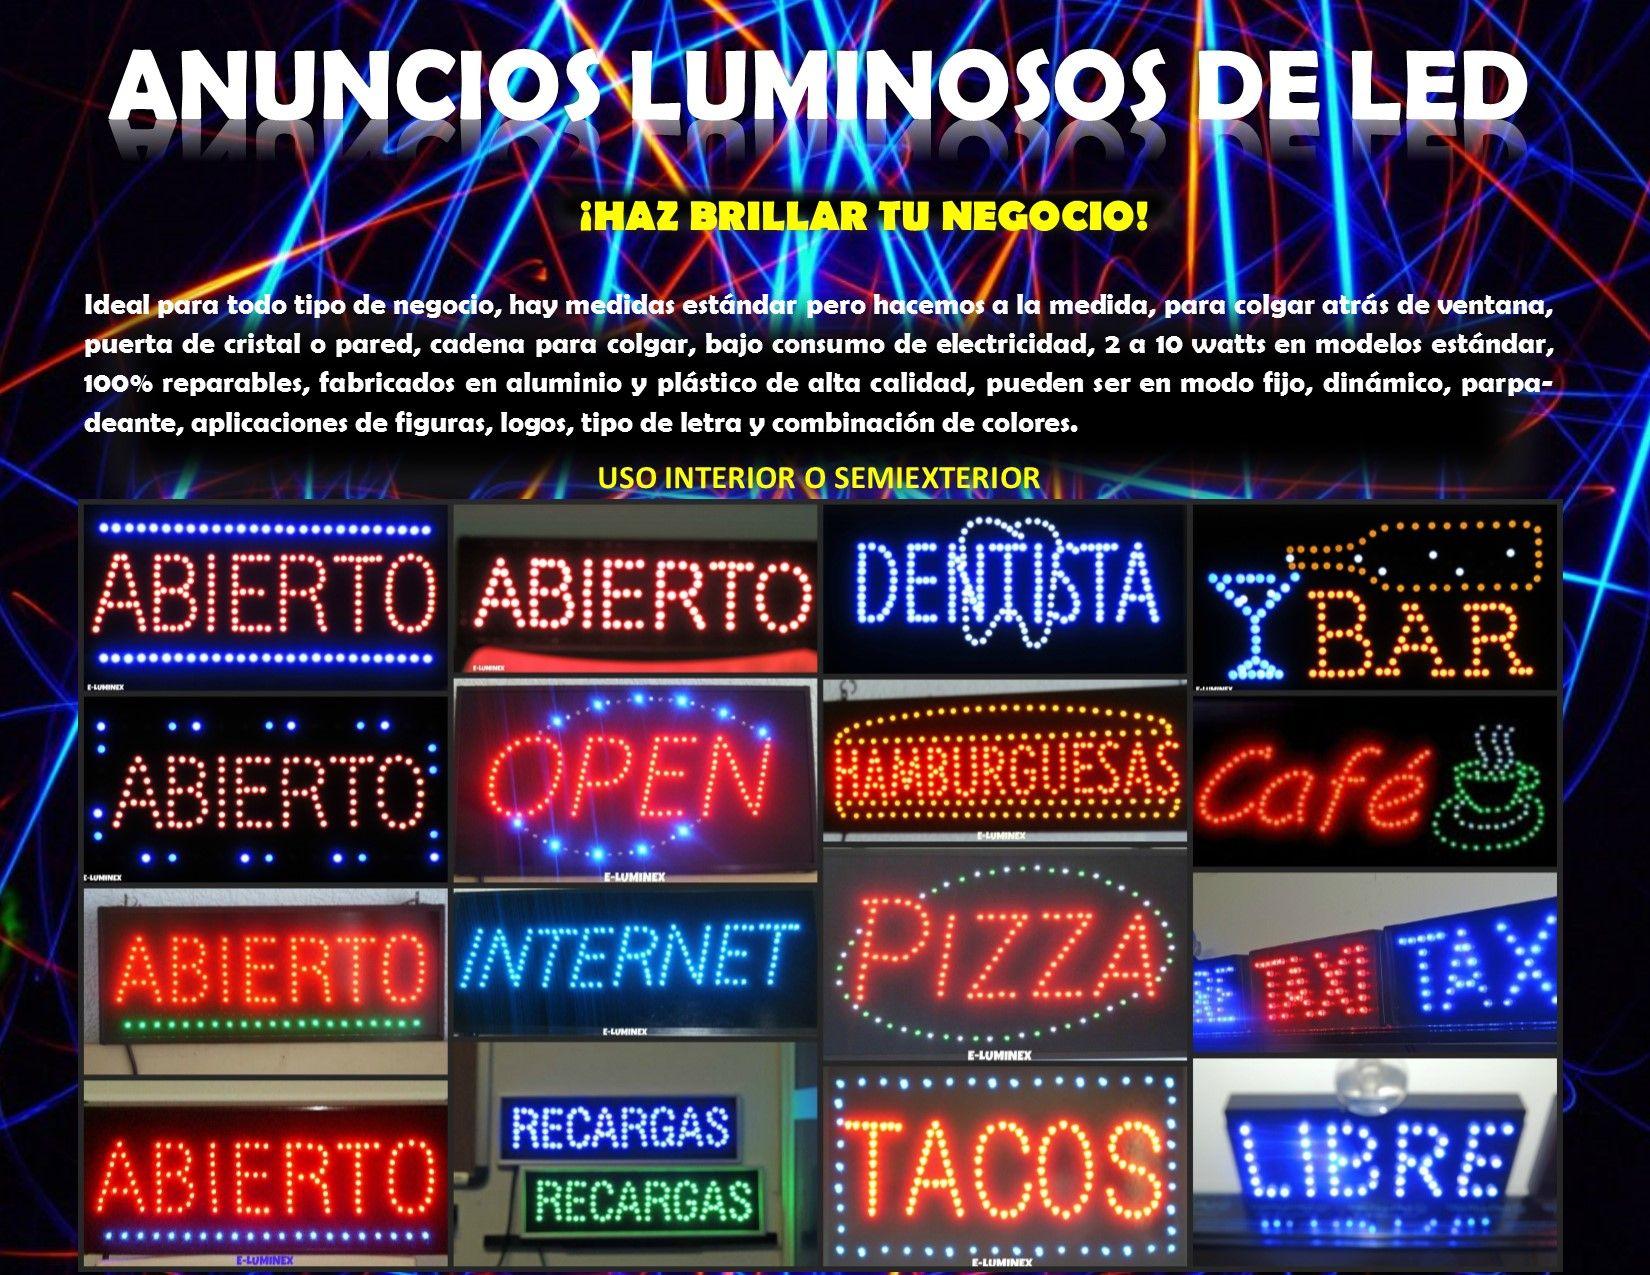 Anuncios luminosos de led para todo tipo de negocio dise os especiales logos logo marcas Disenos de todo tipo